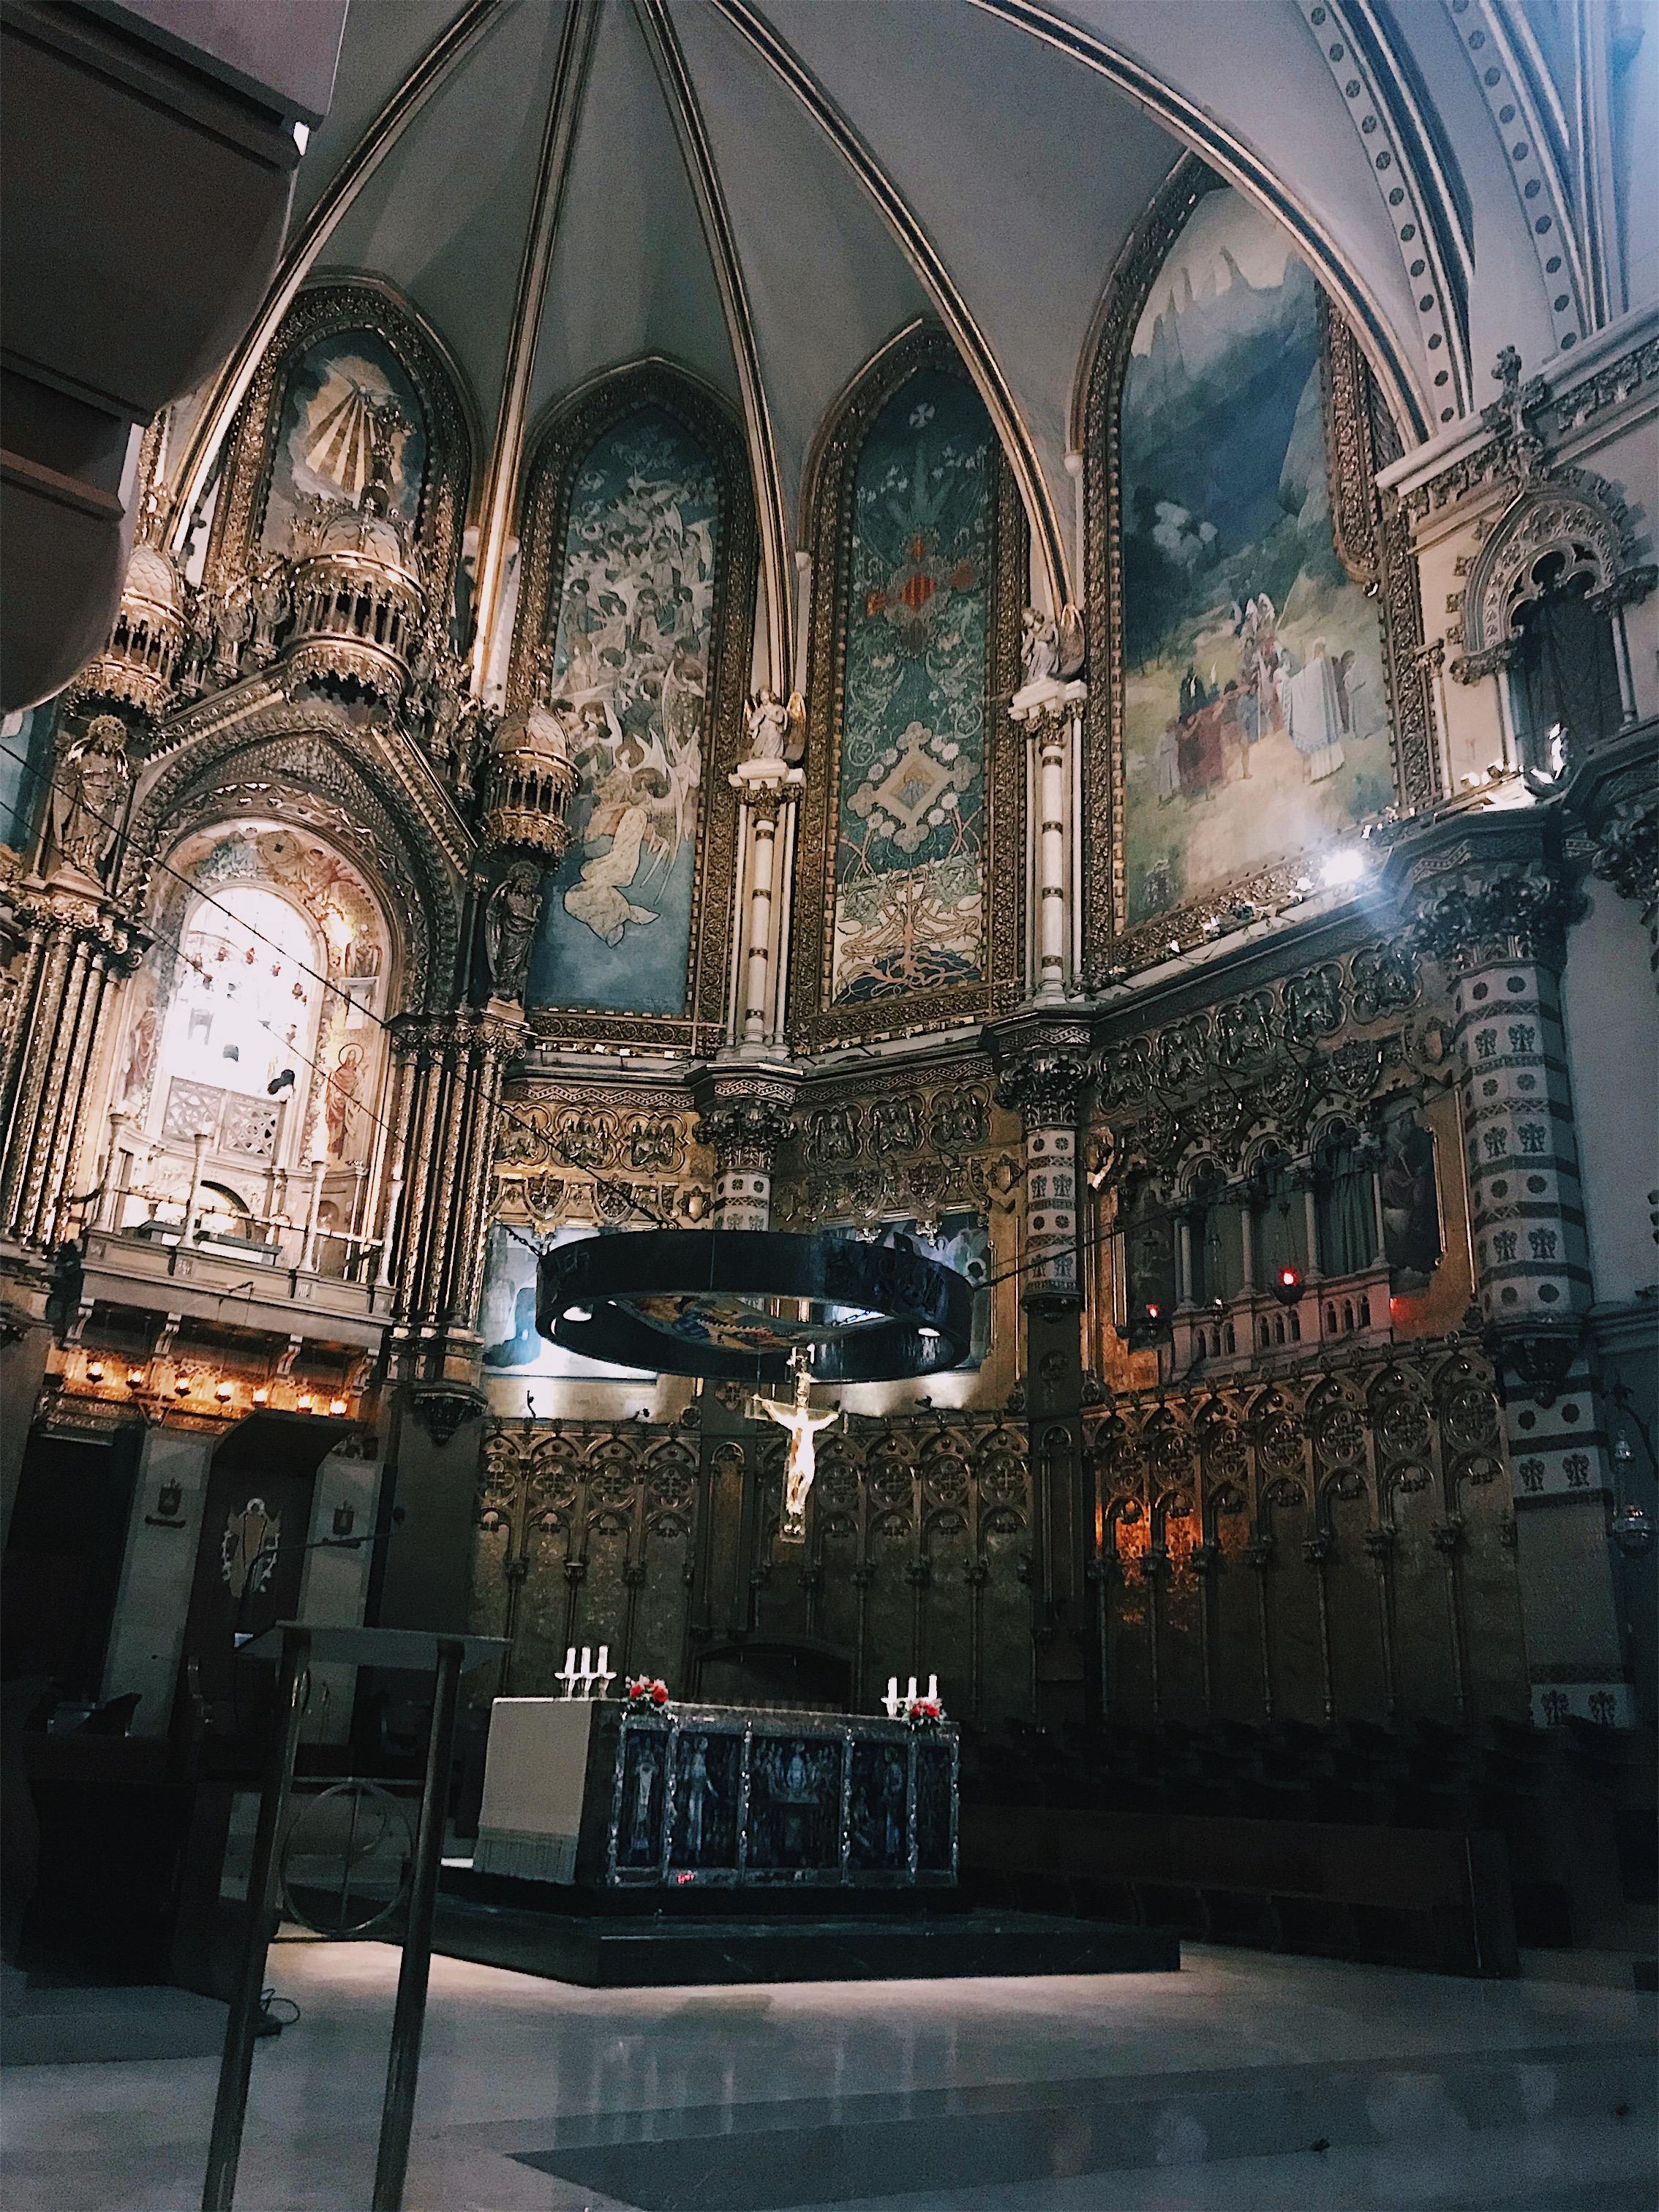 Inside the bascilica